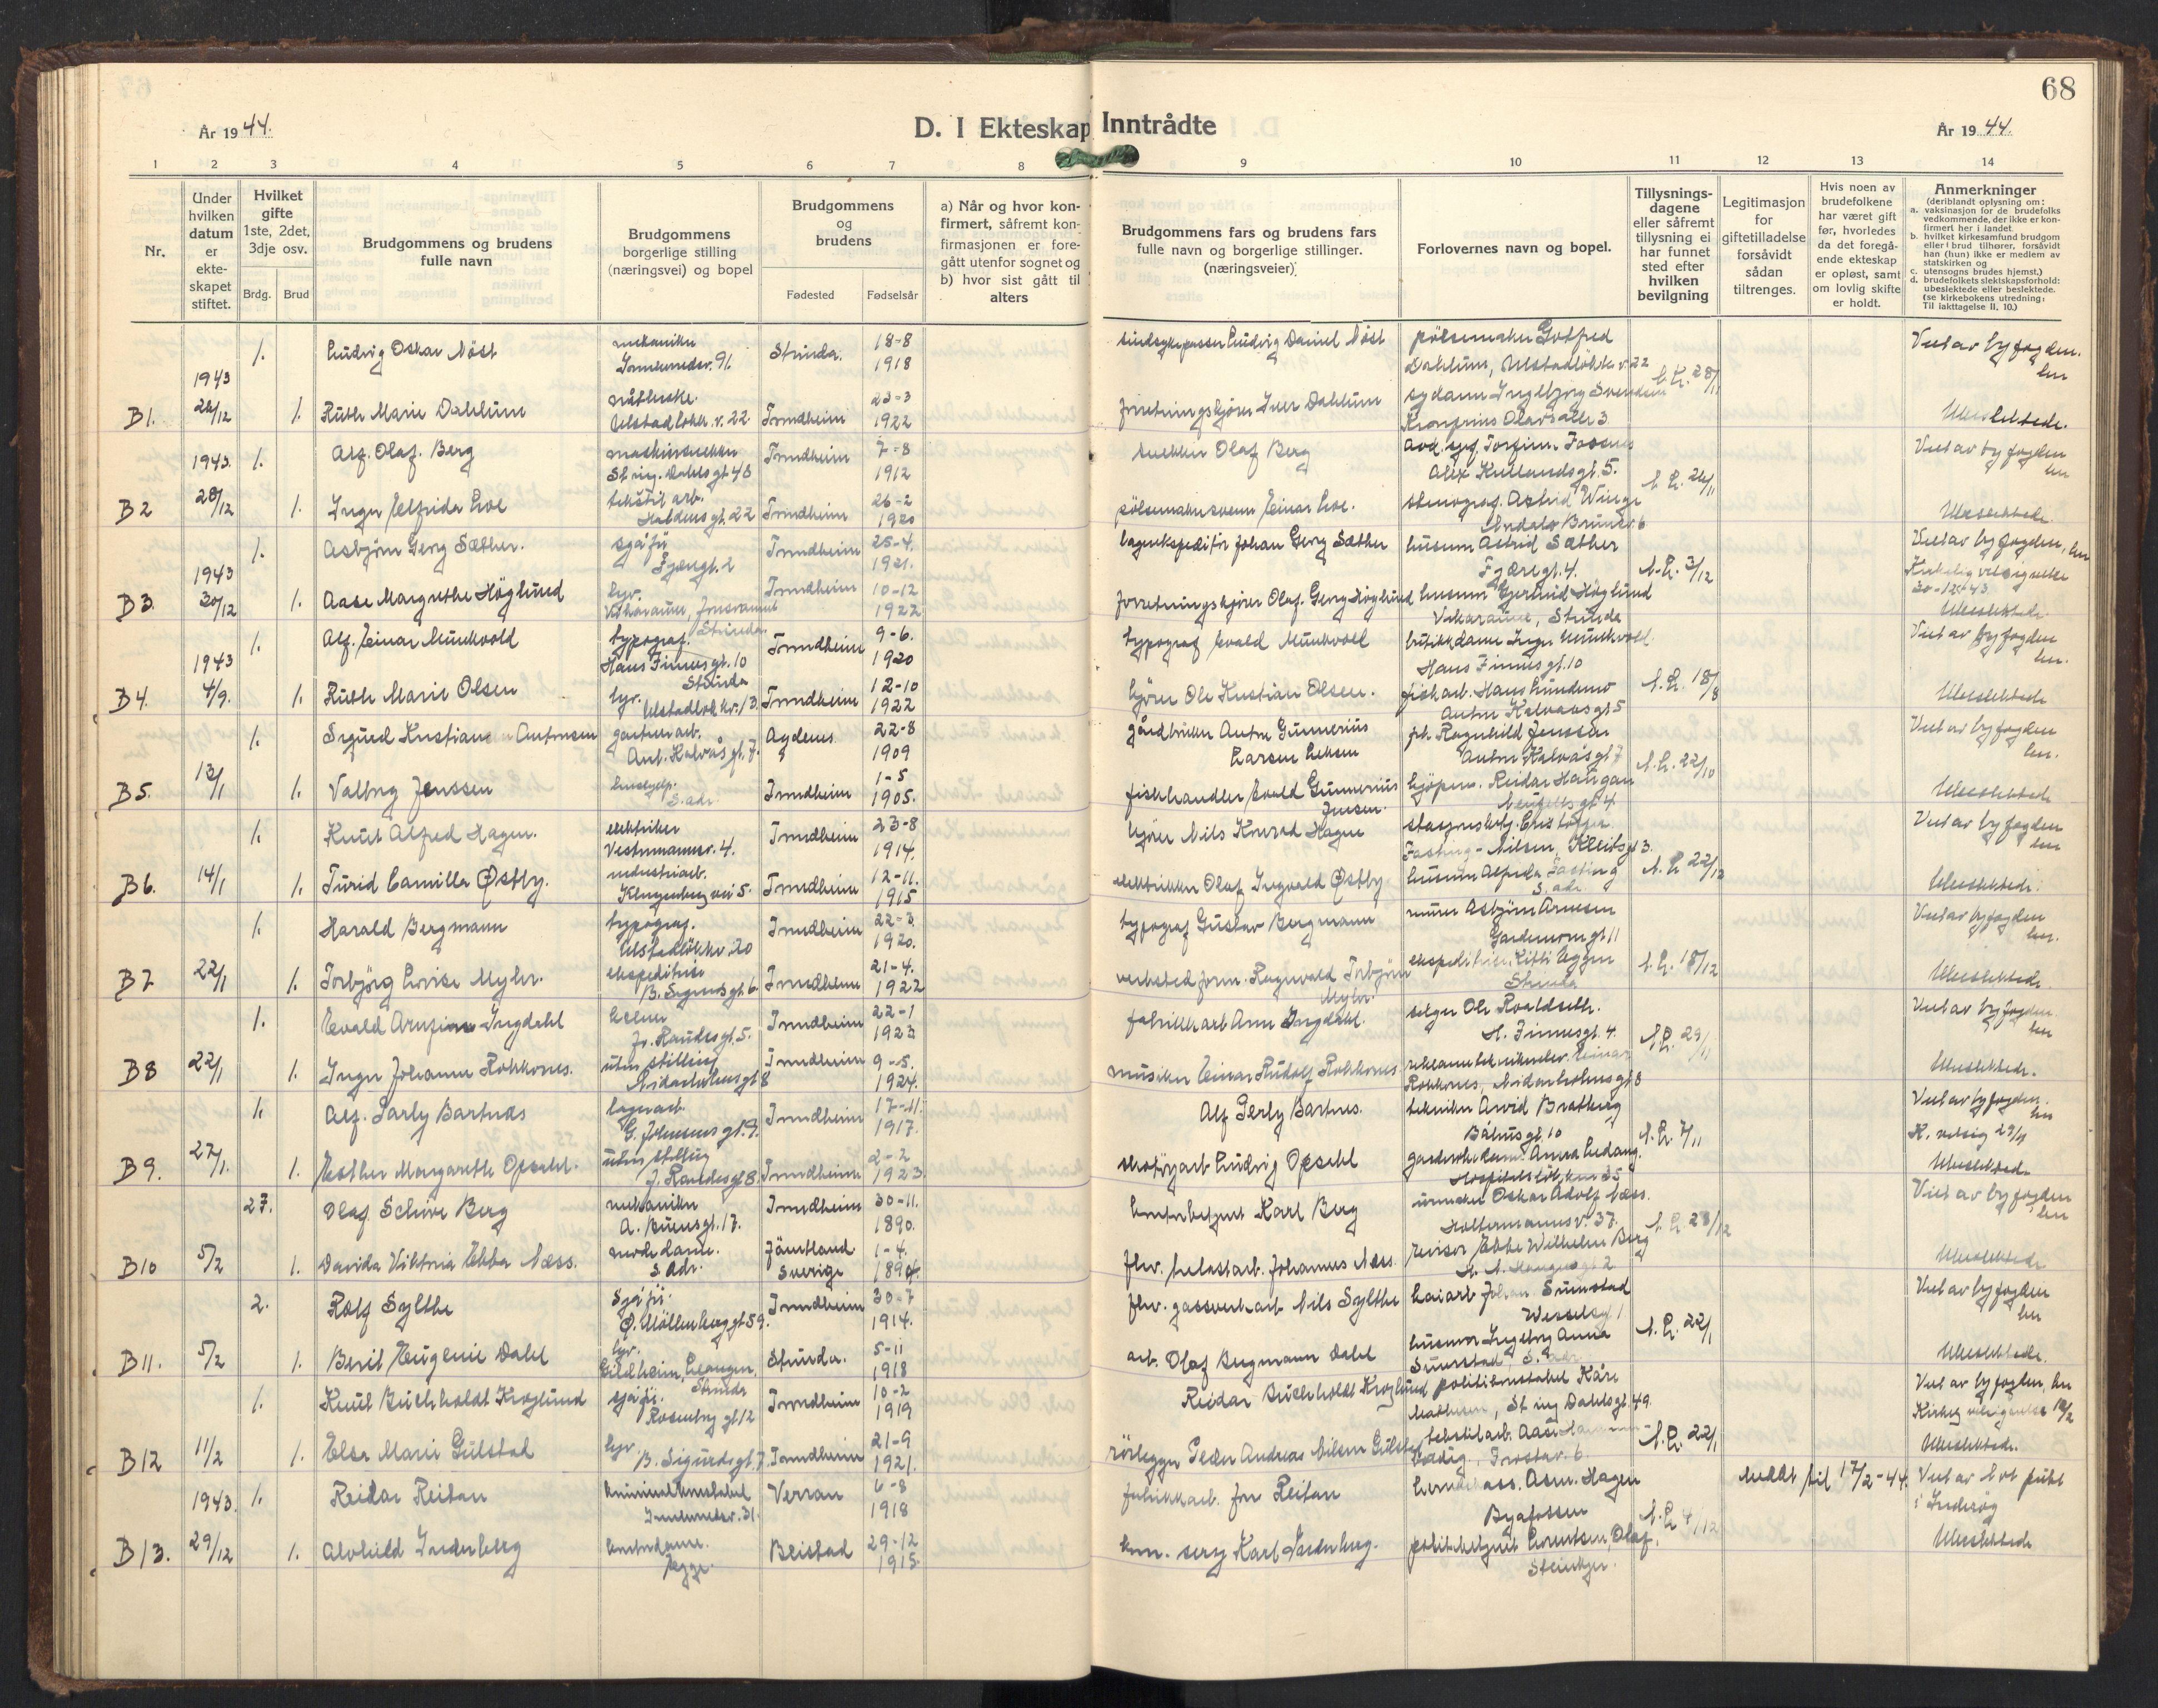 SAT, Ministerialprotokoller, klokkerbøker og fødselsregistre - Sør-Trøndelag, 605/L0263: Klokkerbok nr. 605C10, 1938-1949, s. 68